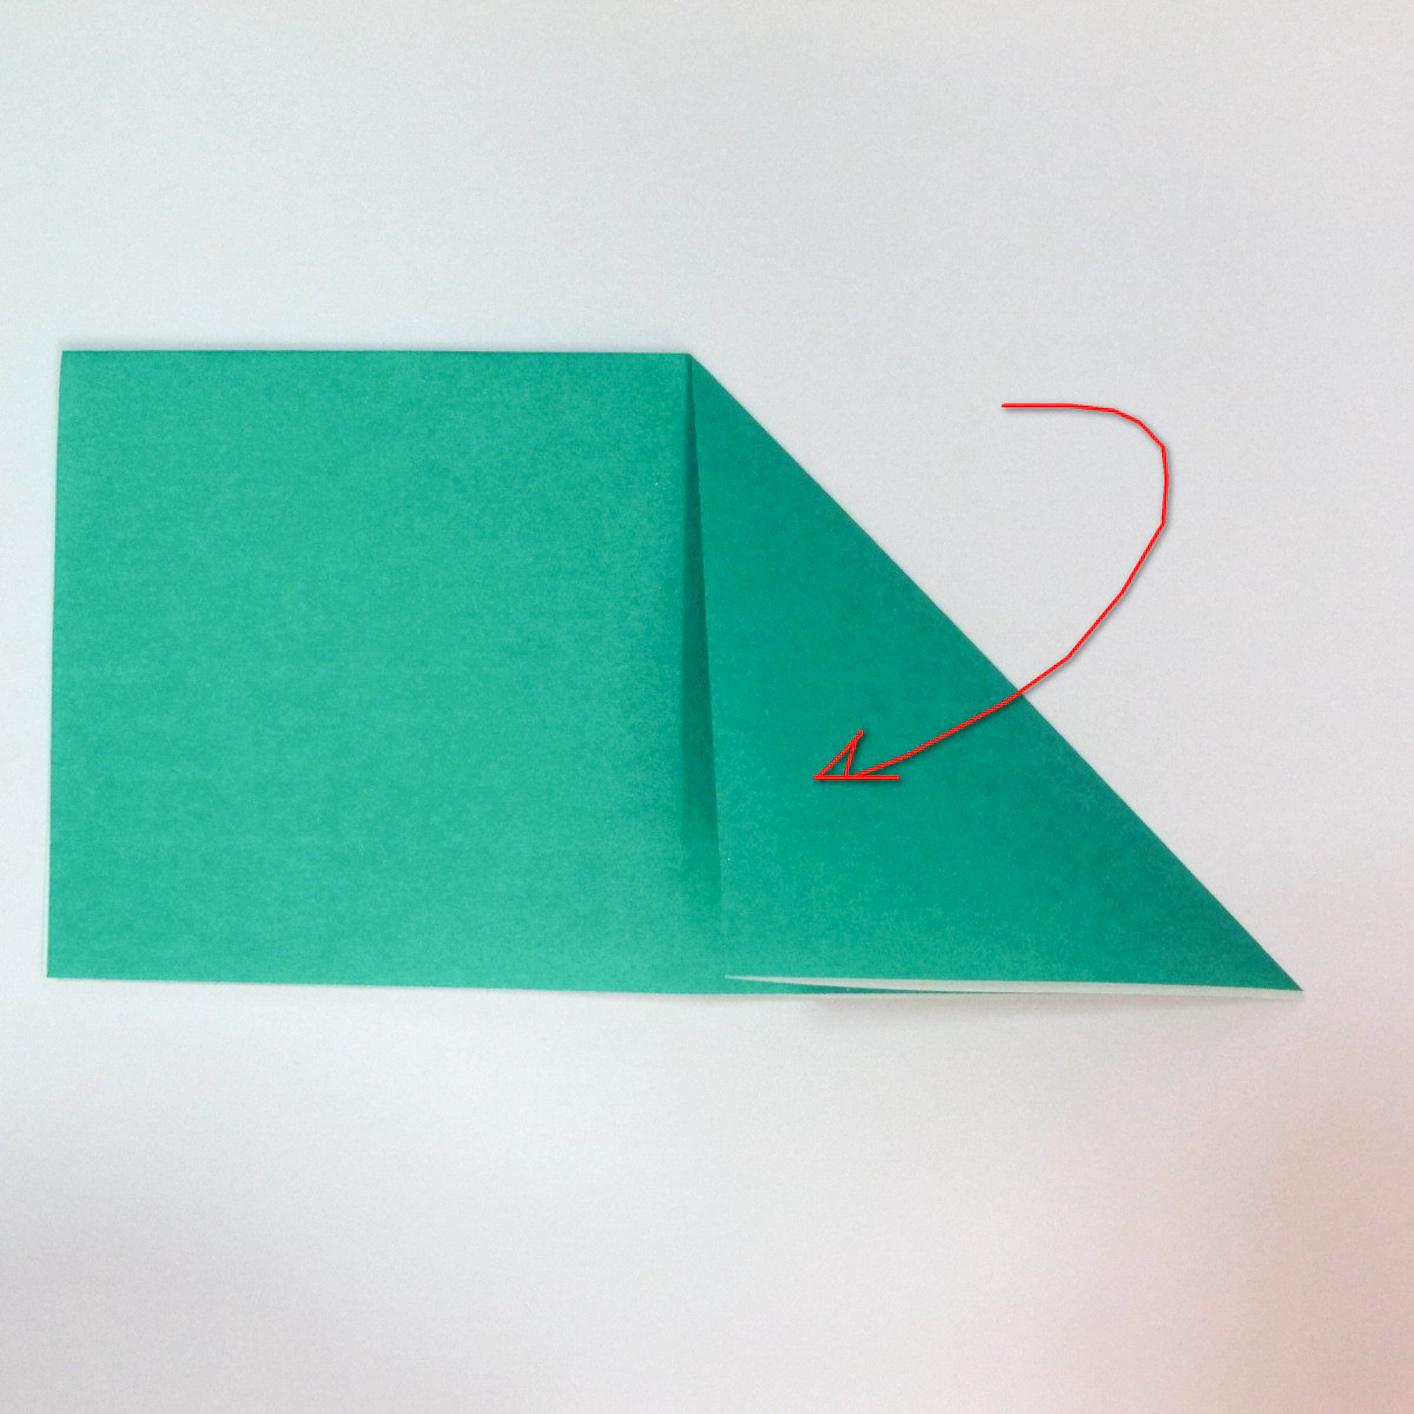 สอนวิธีการพับกระดาษเป็นรูปปลาฉลาม (Origami Shark) 003